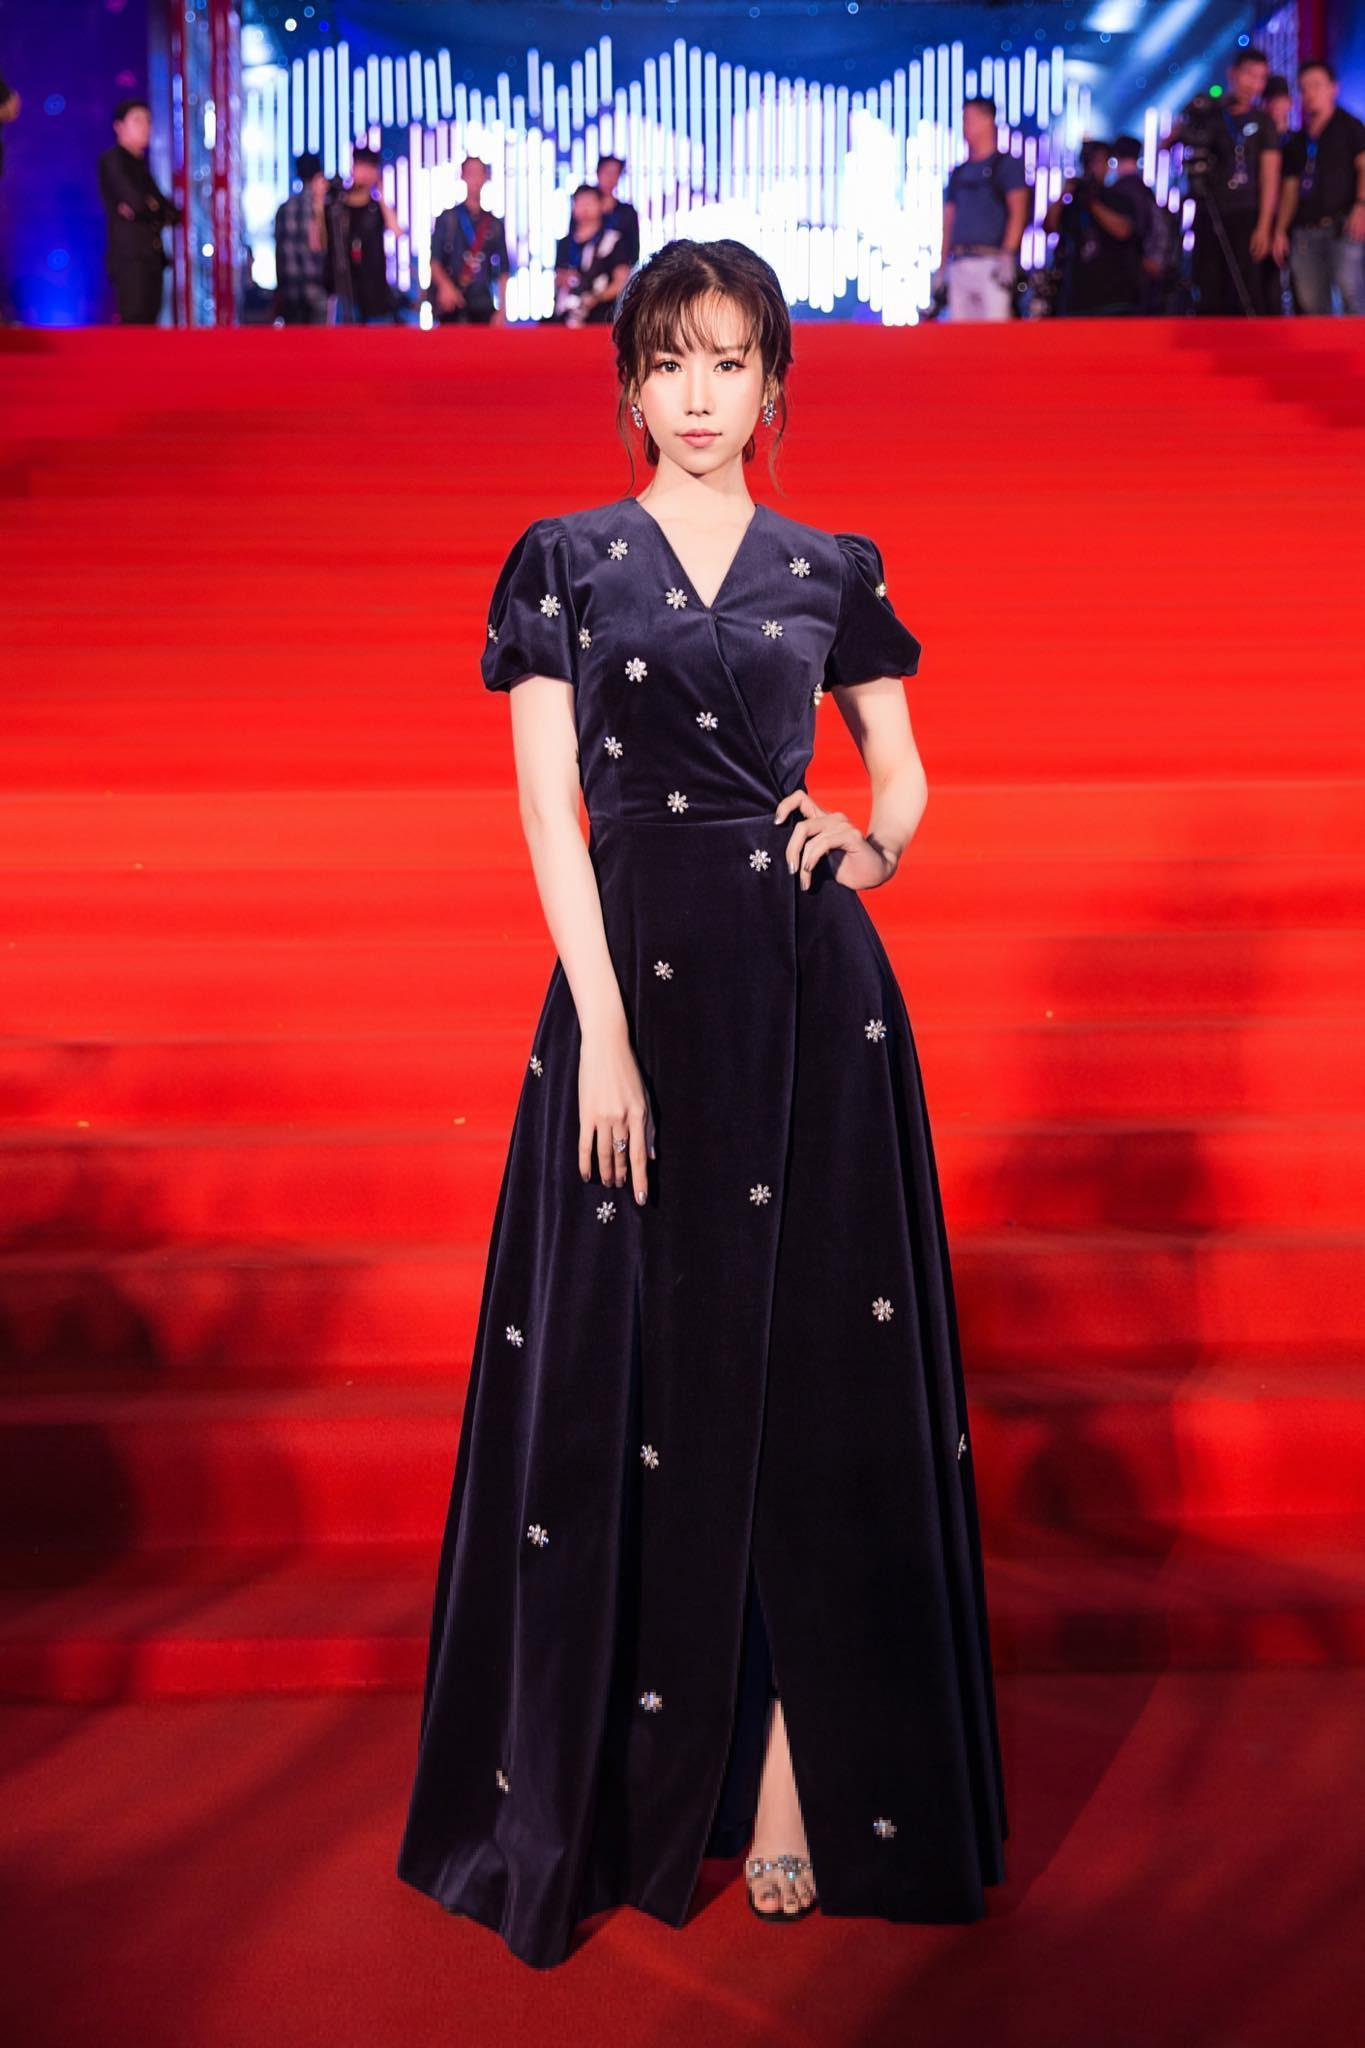 Angela Phương Trinh - Đỗ Mỹ Linh công phá thảm đỏ với sắc vàng rực rỡ nhất tuần qua-1